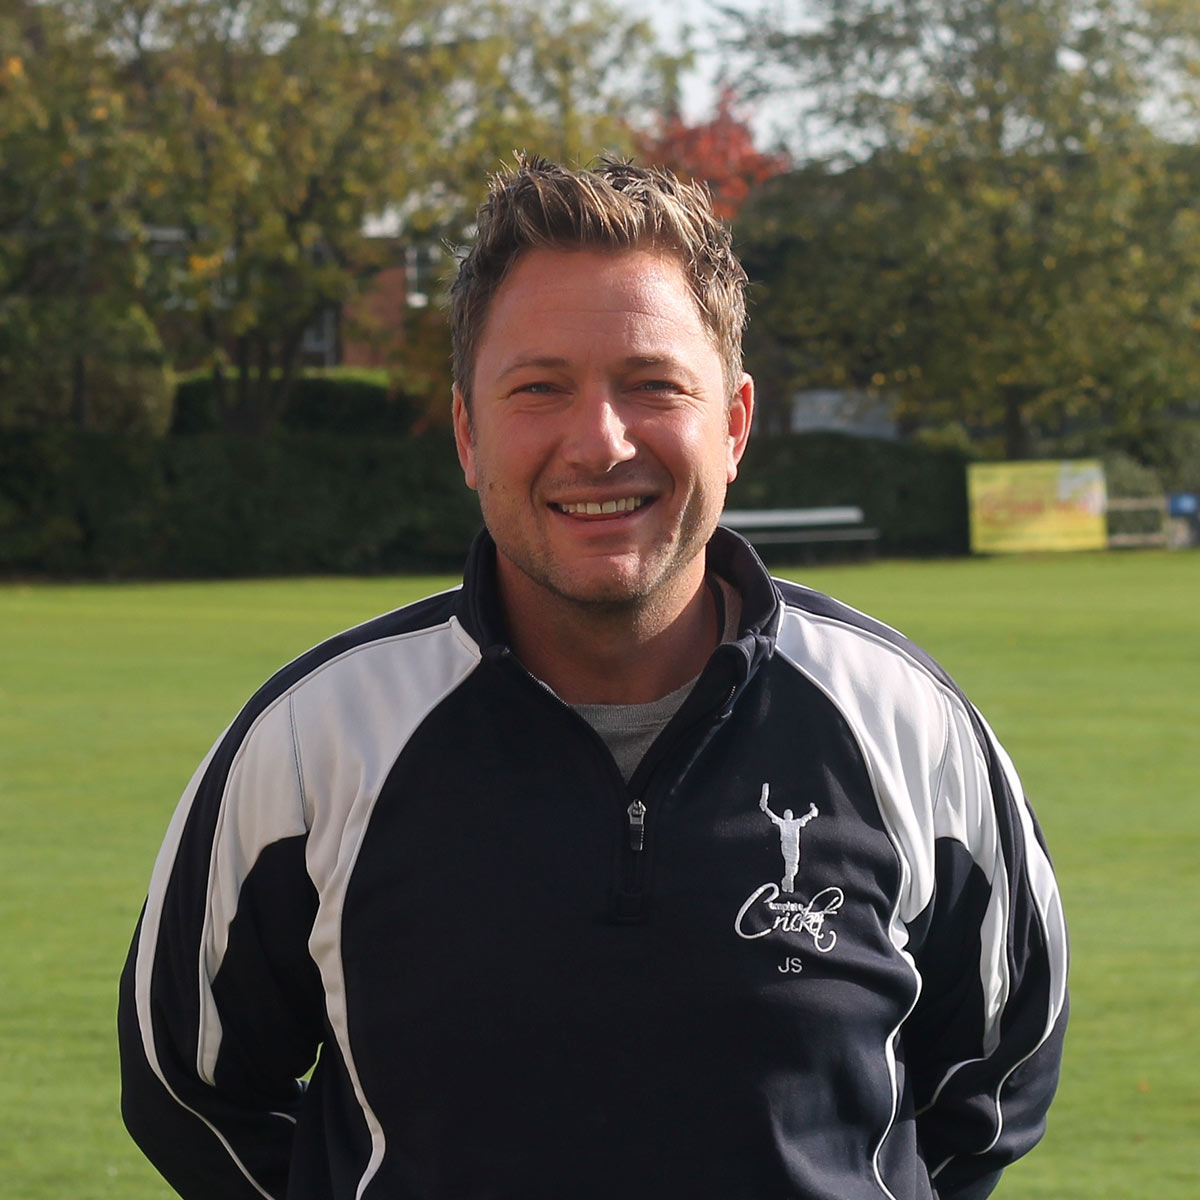 Jamie Spires | Complete Cricket Coach